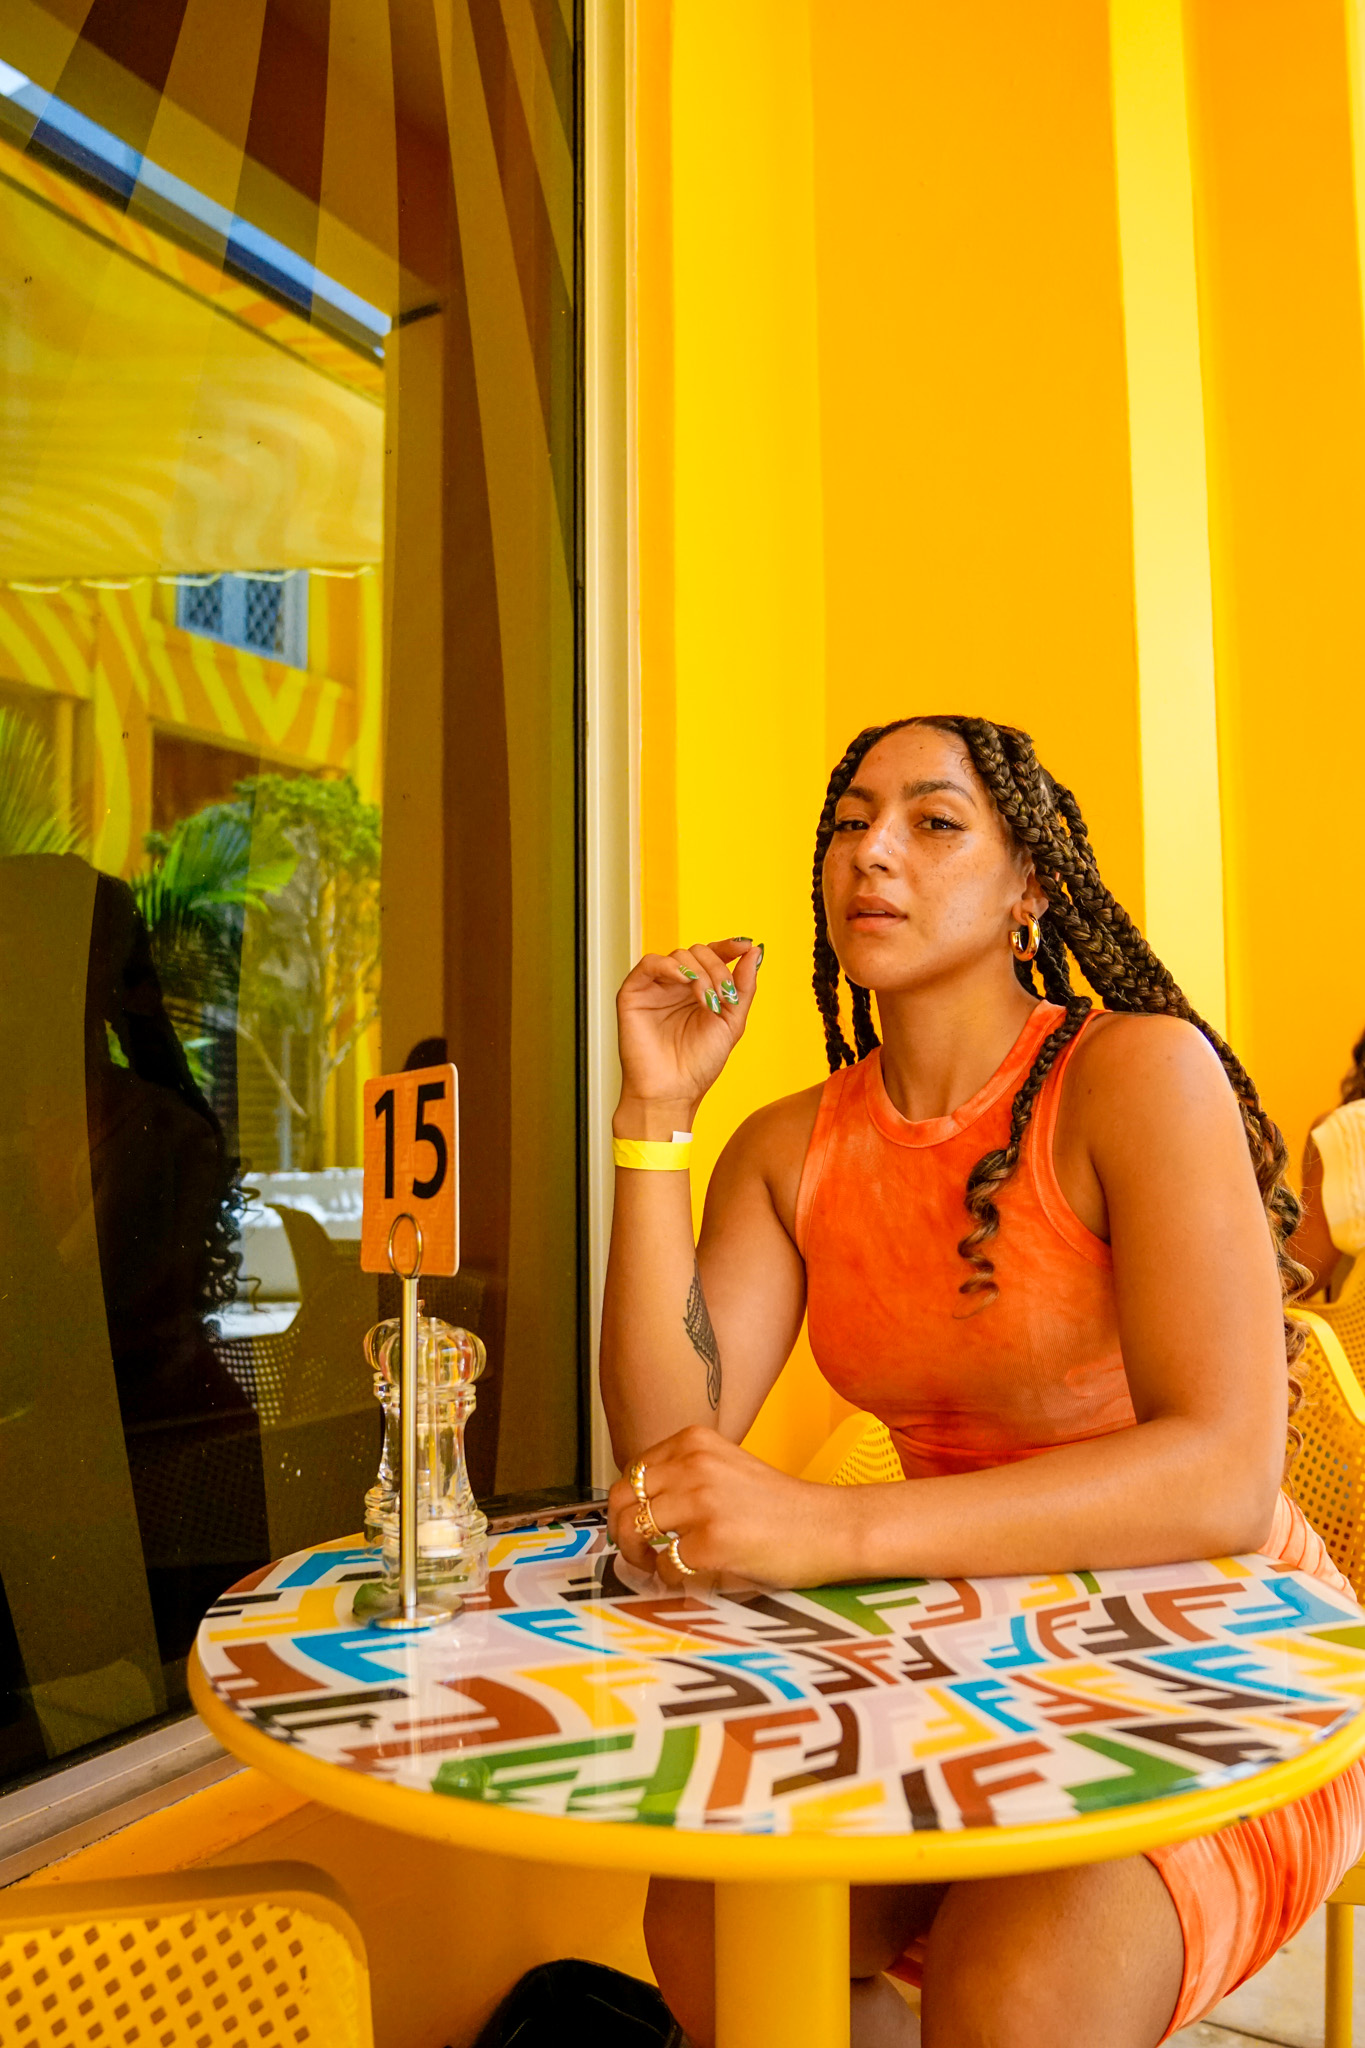 black girl solo travel guide to Miami Beach Florida, luxury hotel Miami Beach, Miami Beach travel guide